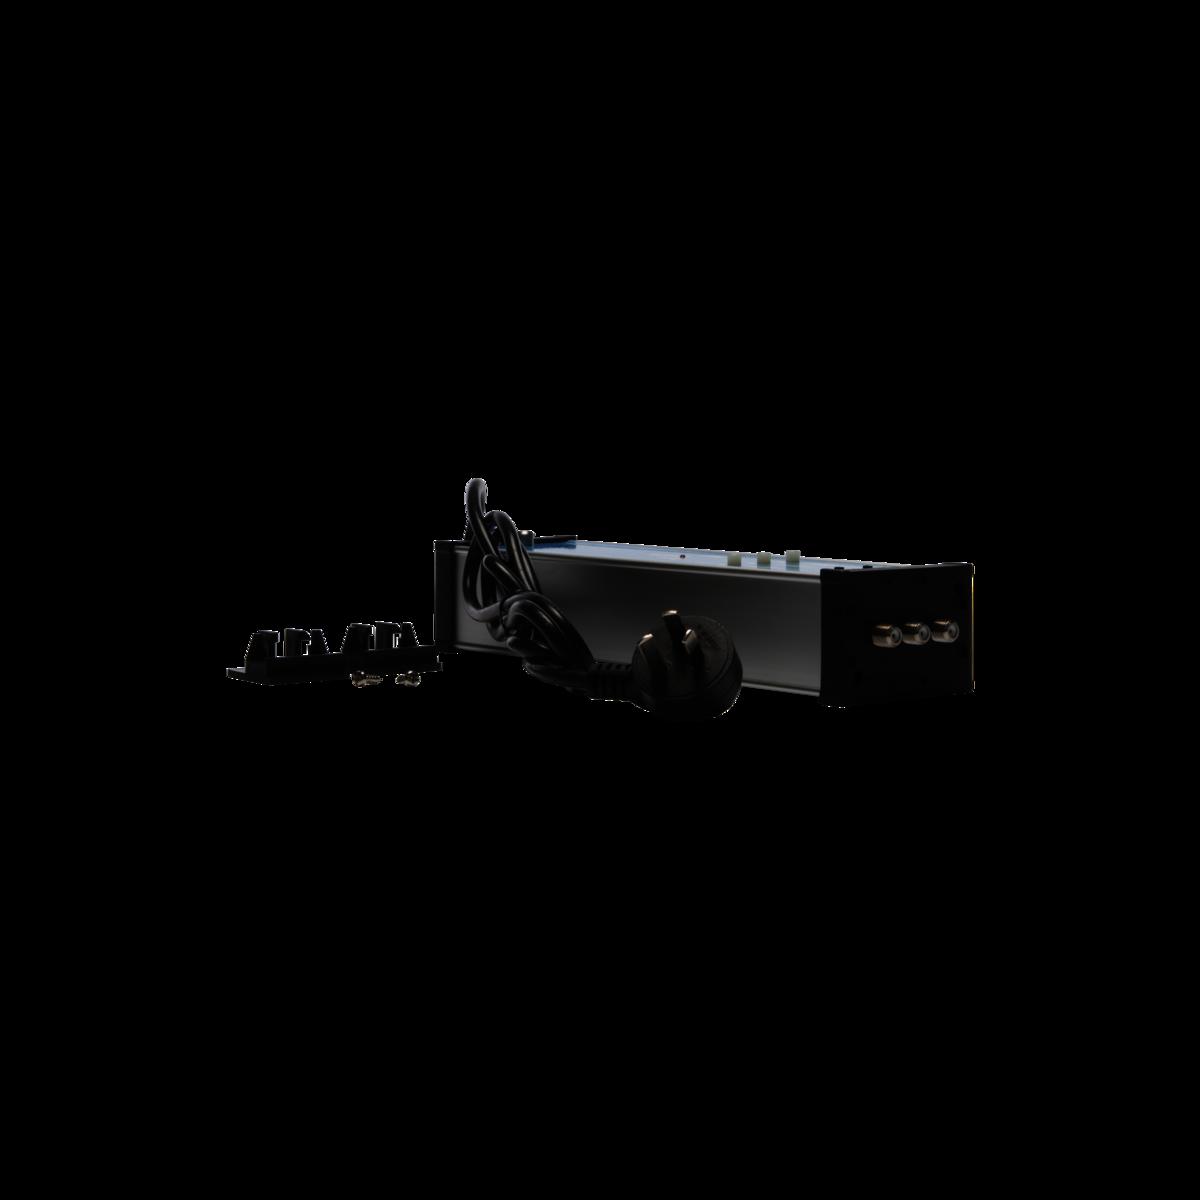 FC658005C_2image